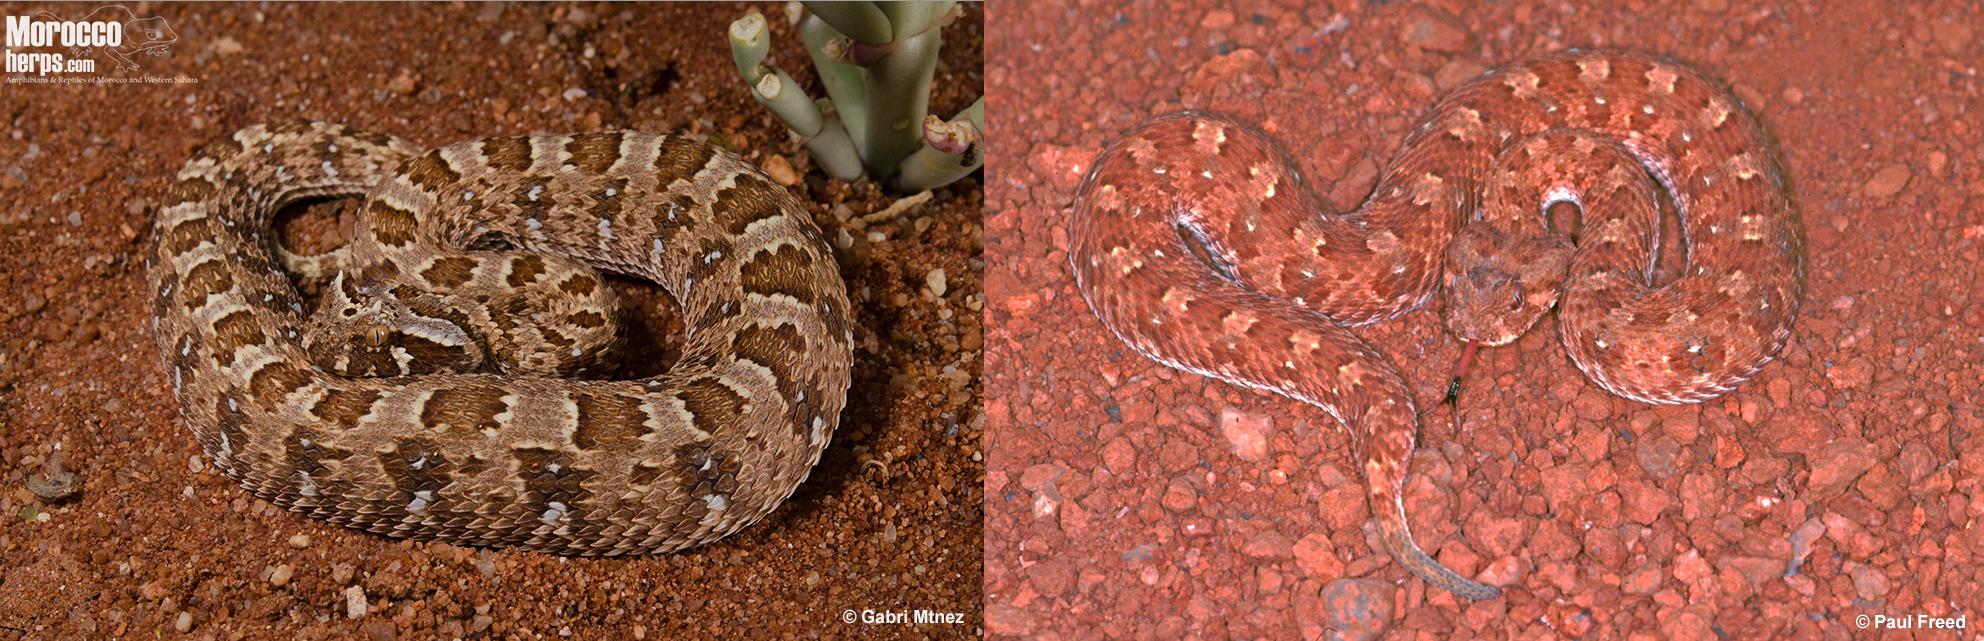 Bitis-caudalis-Namibia-Springbok